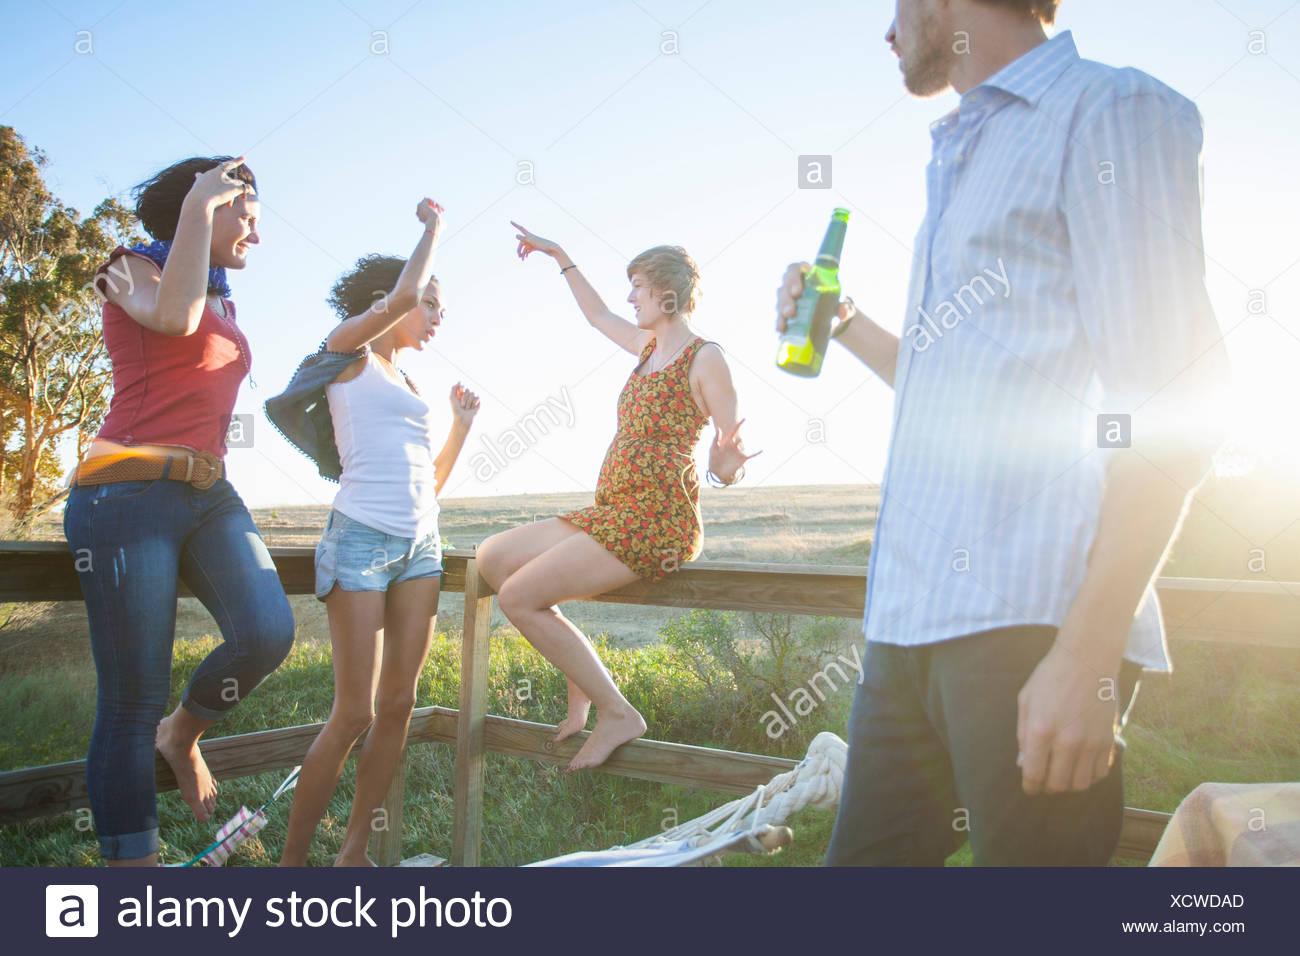 Joven viendo amigos bailar en el balcón Imagen De Stock